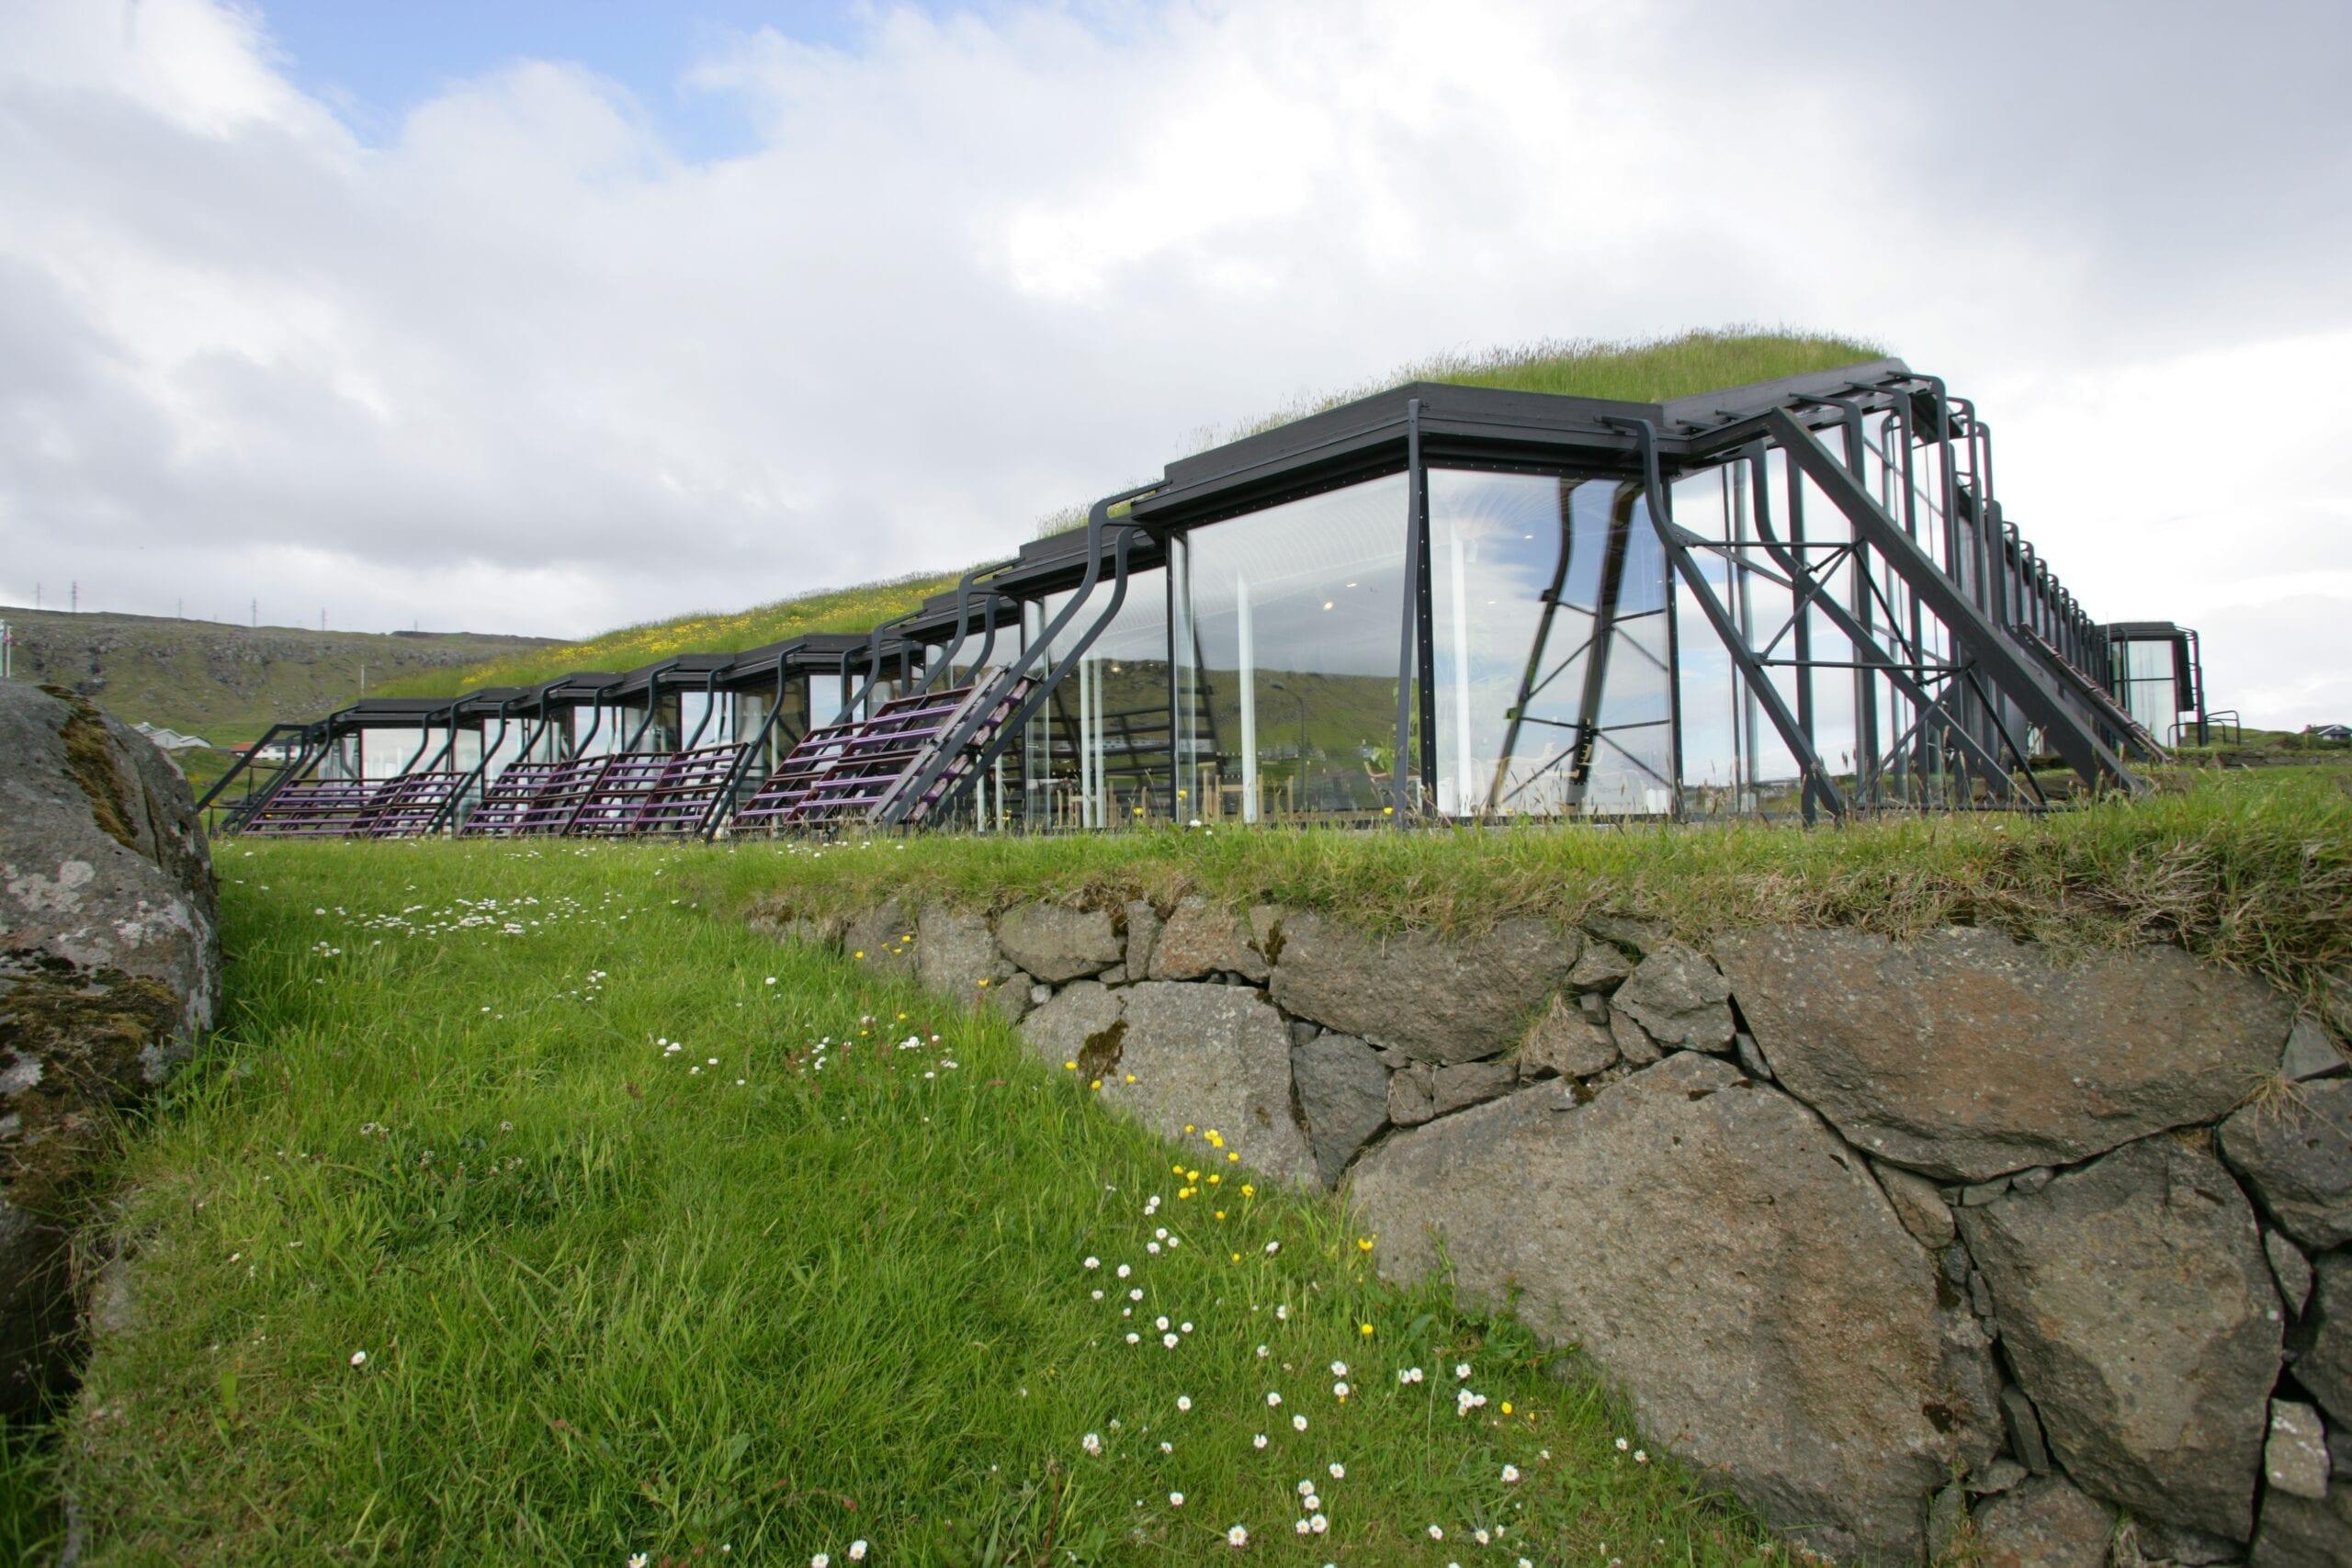 Nordiska ministerrådet söker en direktör till Nordens hus på Färöarna